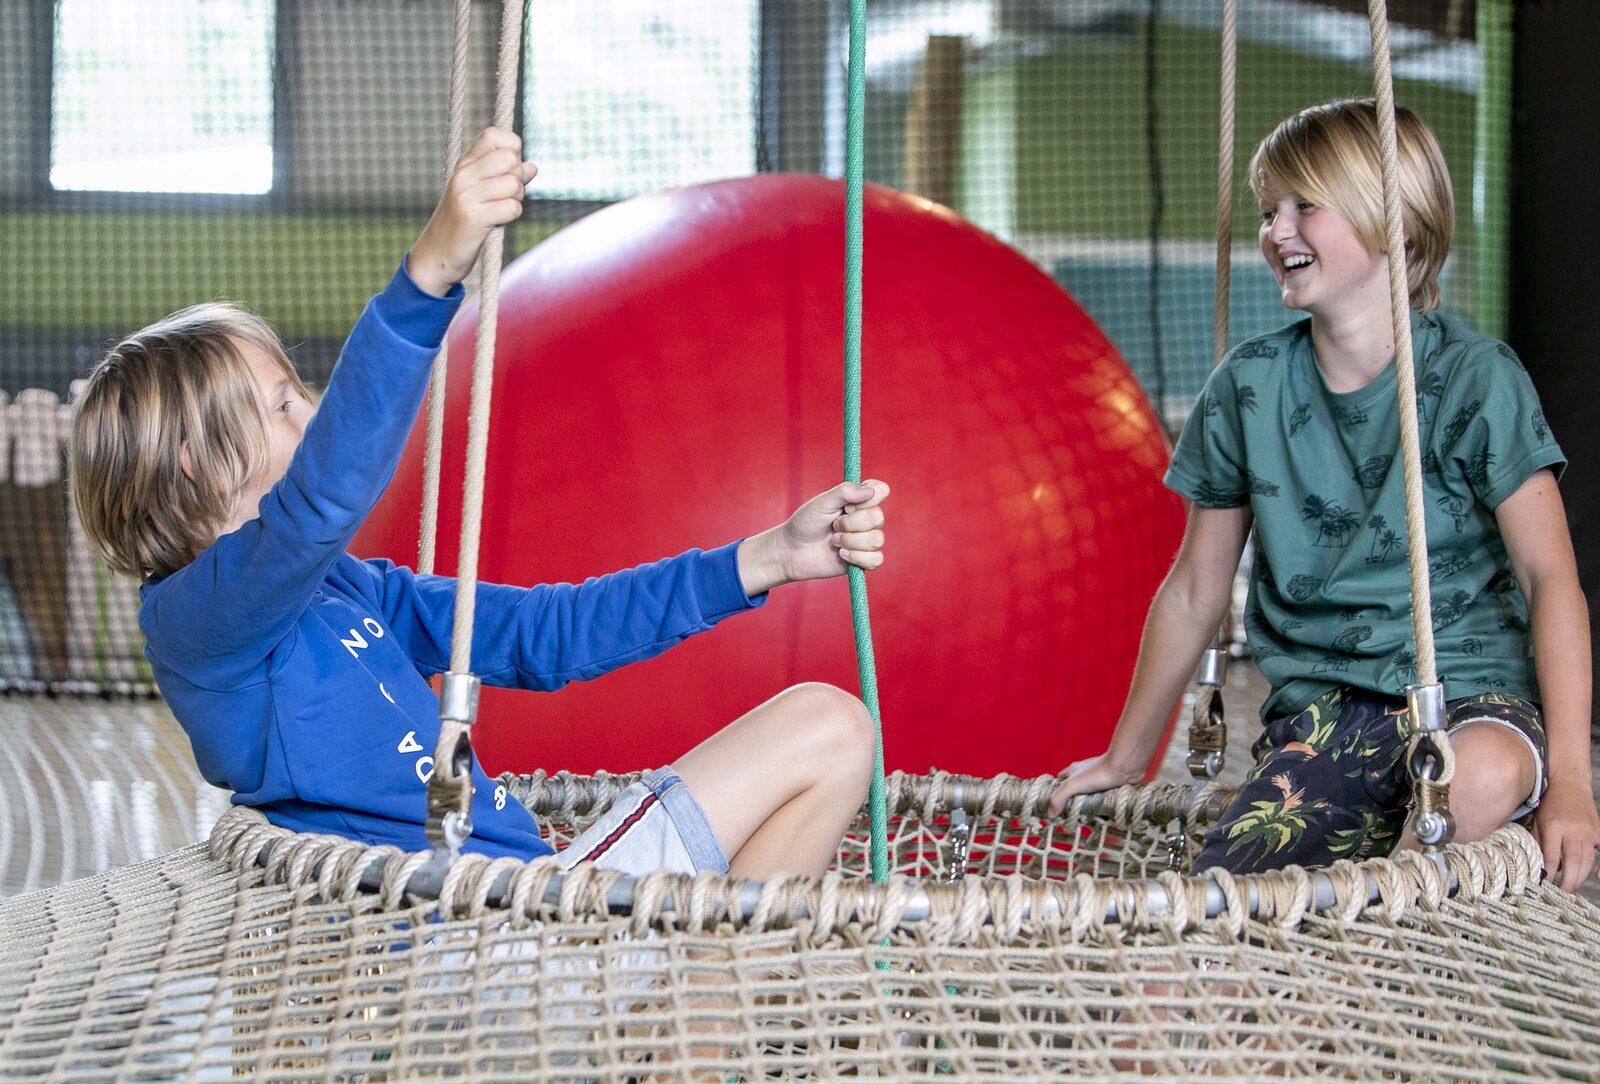 Indoor speeltuin Assen Drenthe